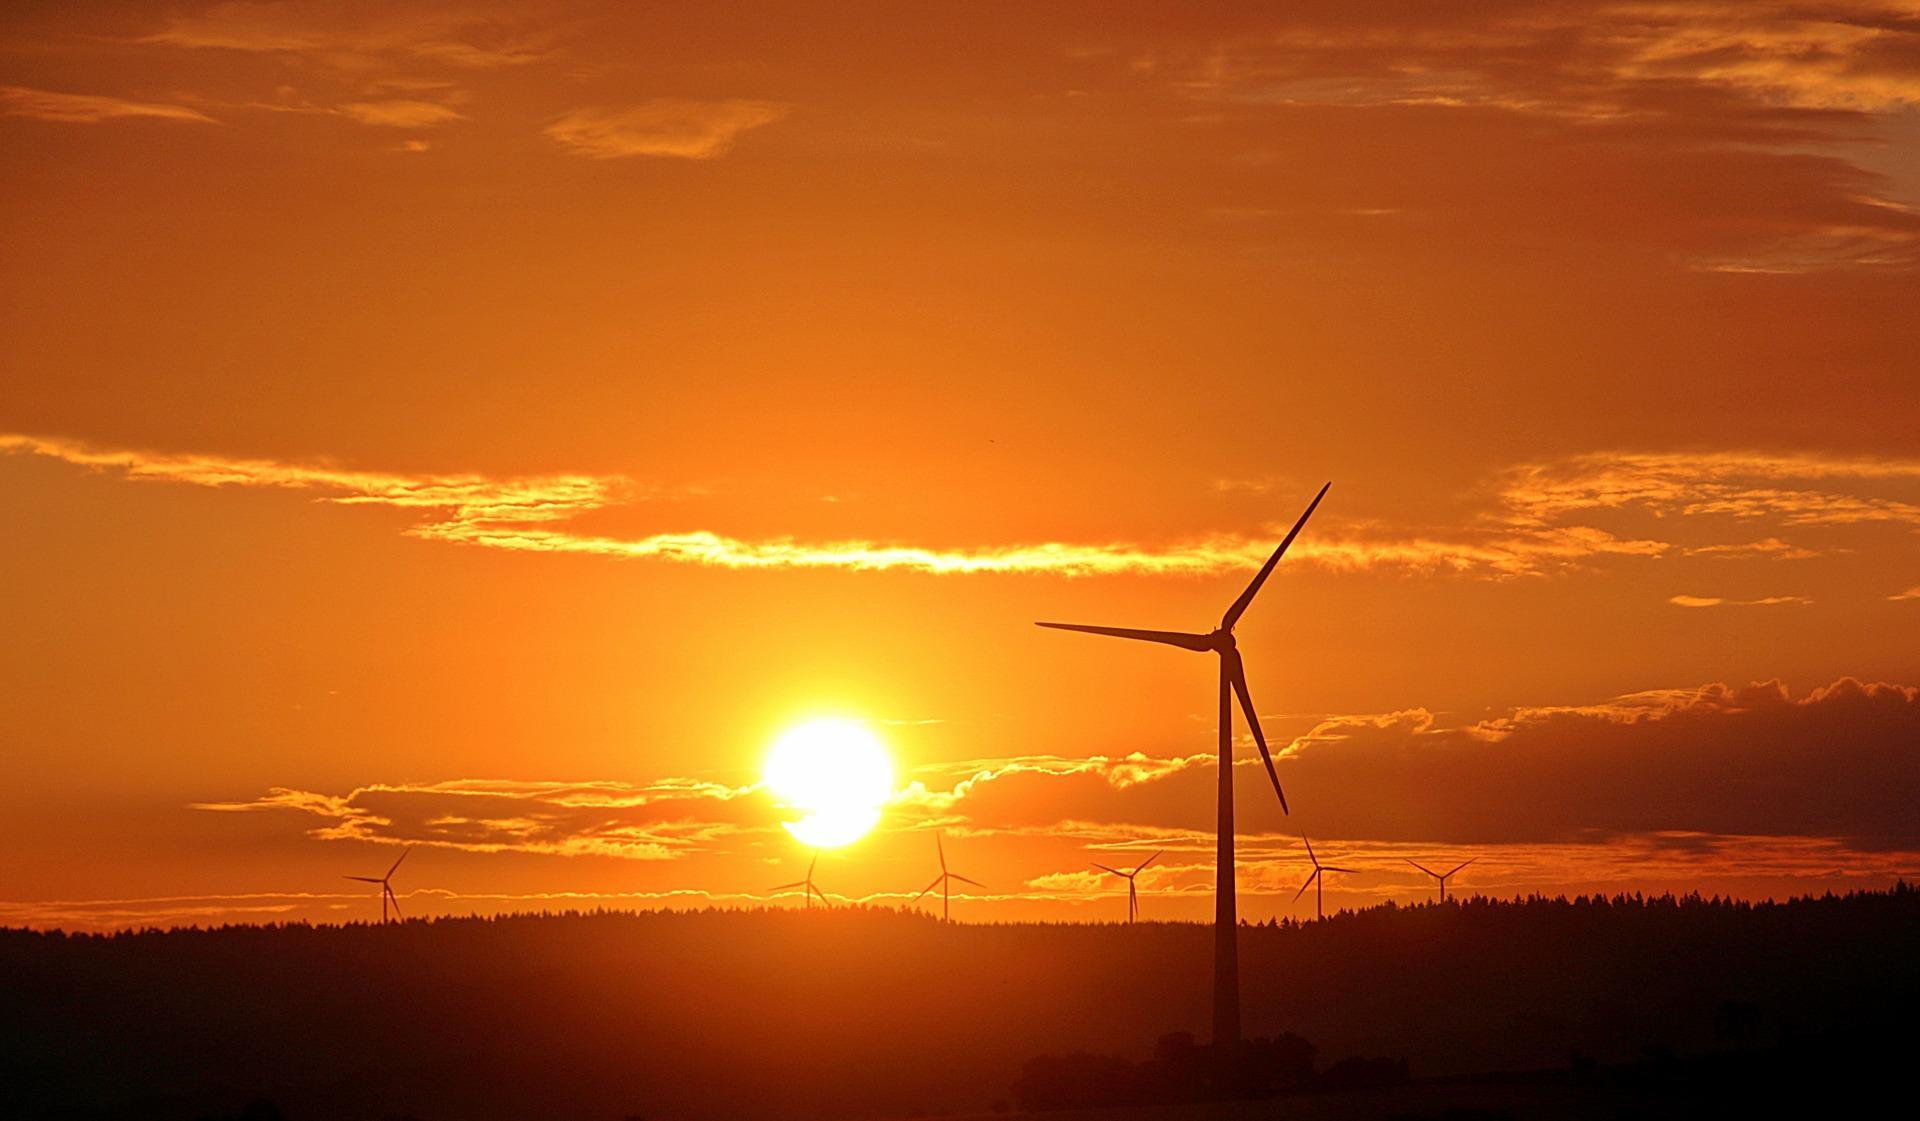 Höhenbegrenzung bei Windenergieanlage